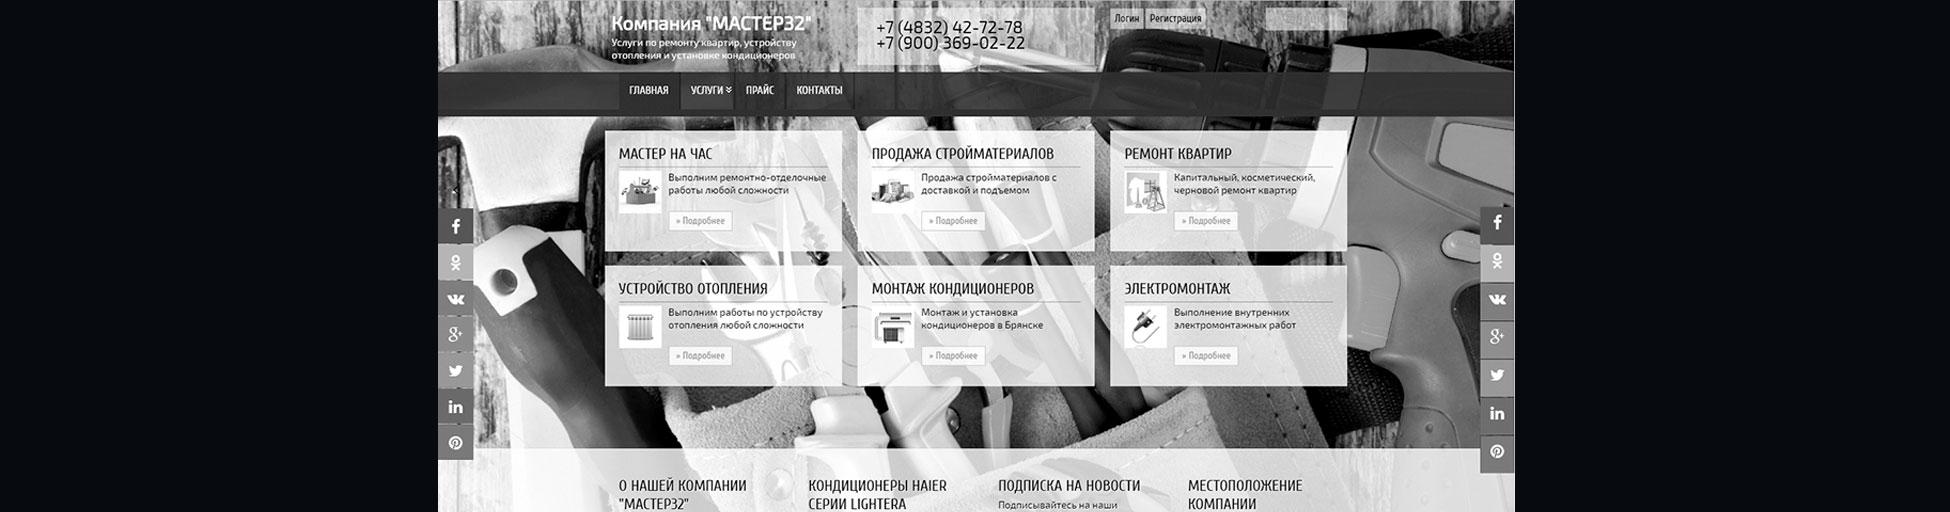 Создание веб-мастером сайта macter32.ru